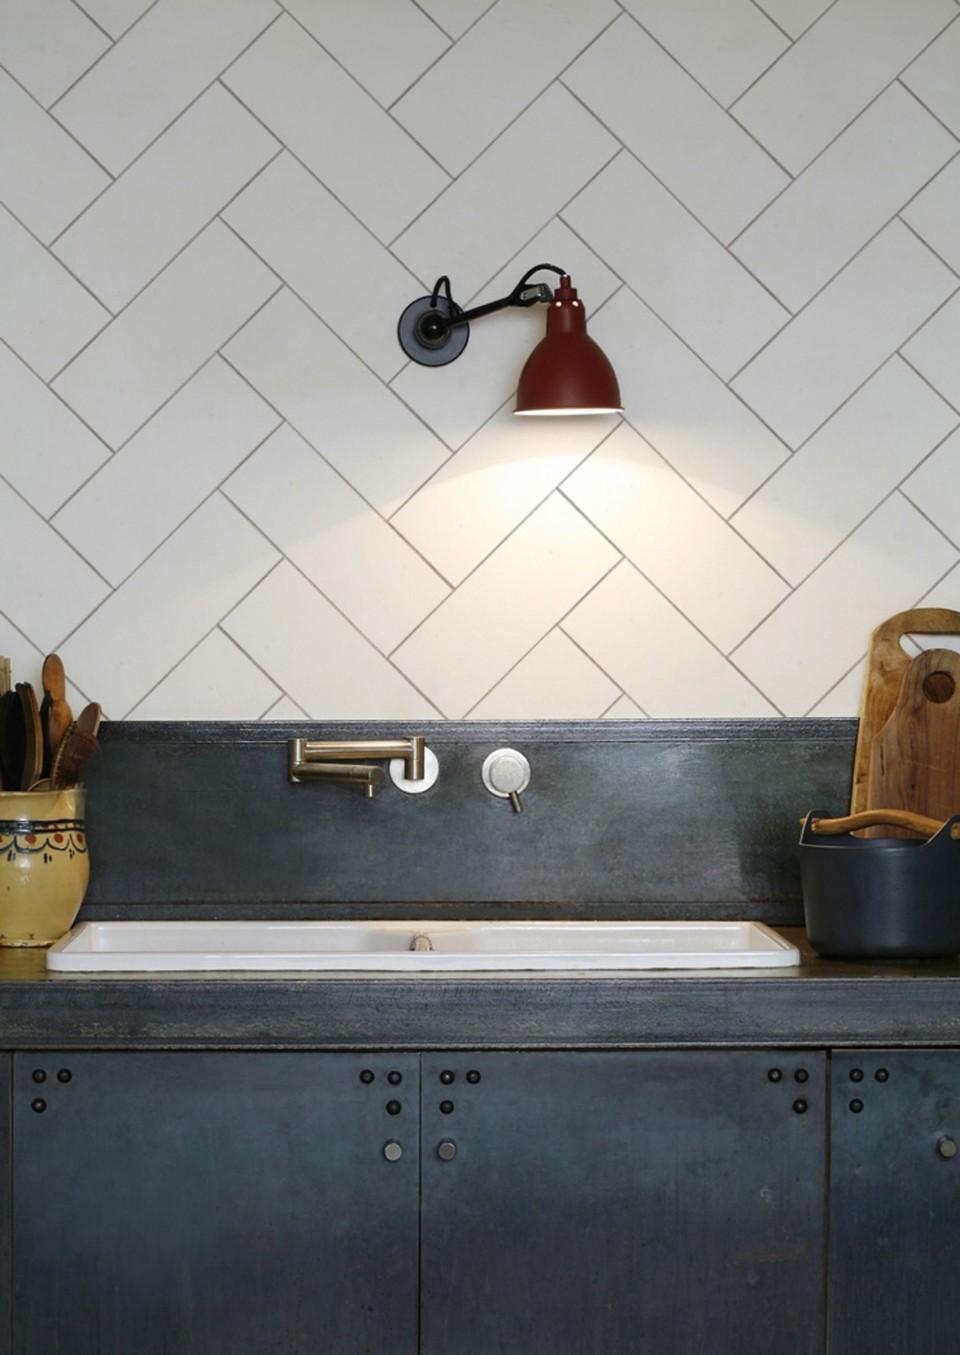 Create an easy kitchen splashback with KitchenWalls wallpaper ...